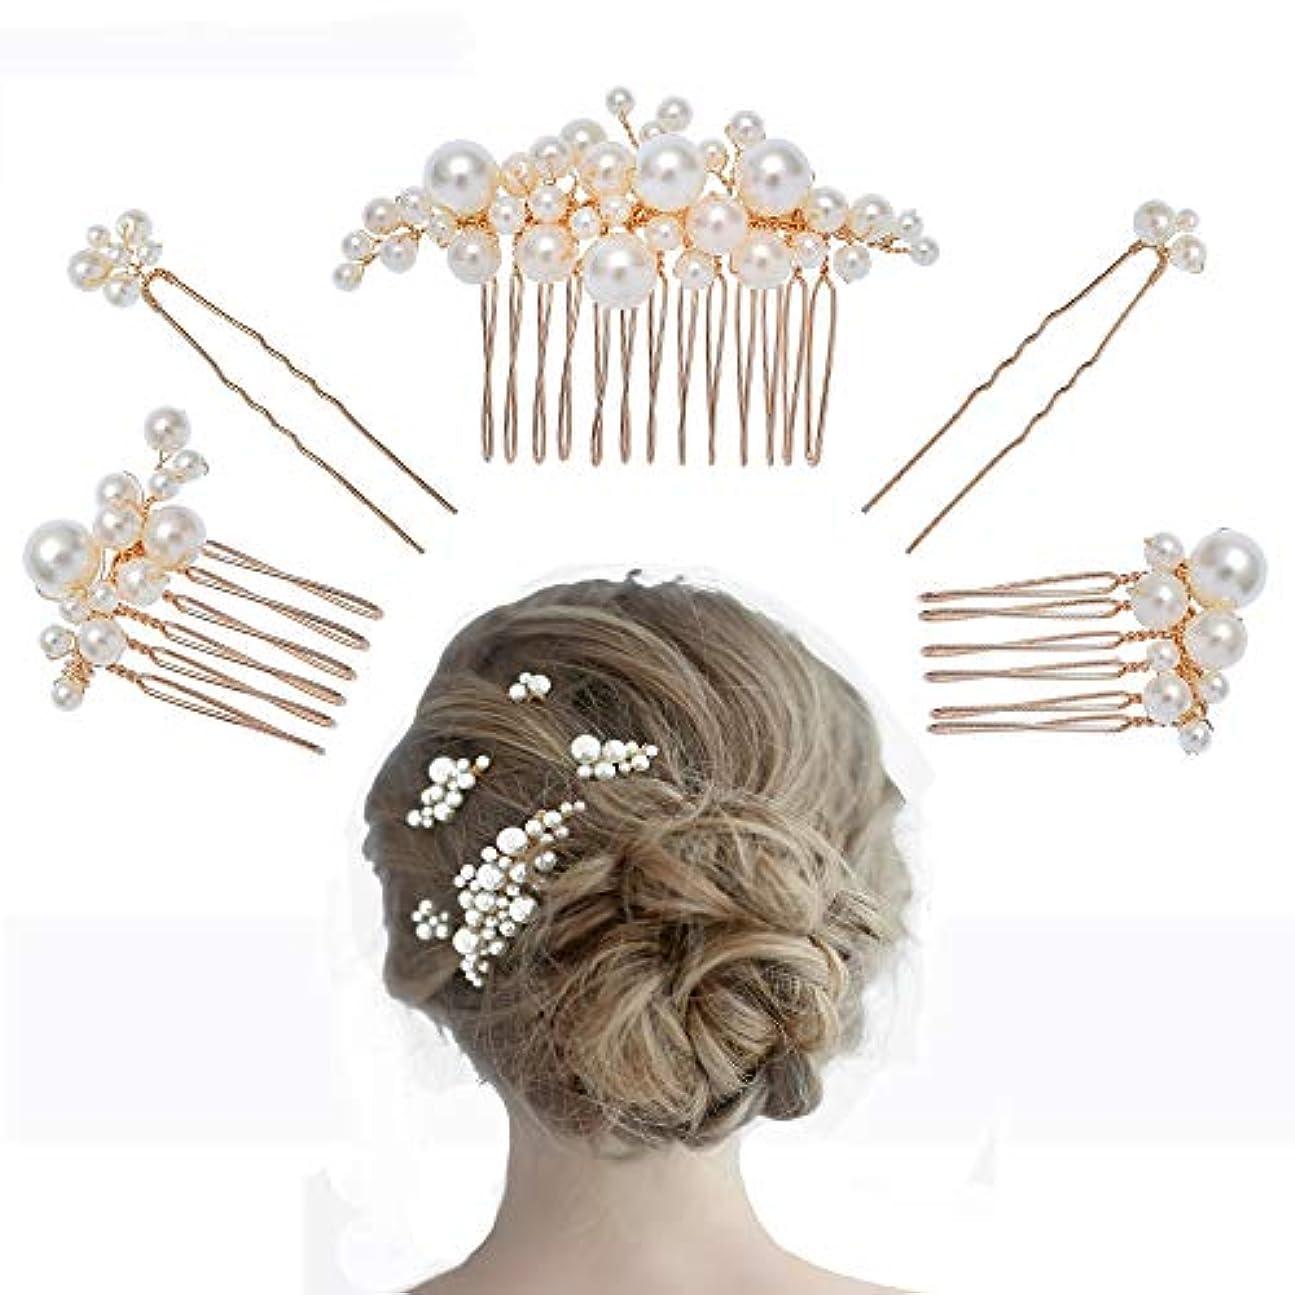 キャプテンタイマー現実的SPOKKI パール 髪飾り ヘアアクセサリー ヘアピン 3種類 5本セット ウェディング 結婚式 卒業式 発表会